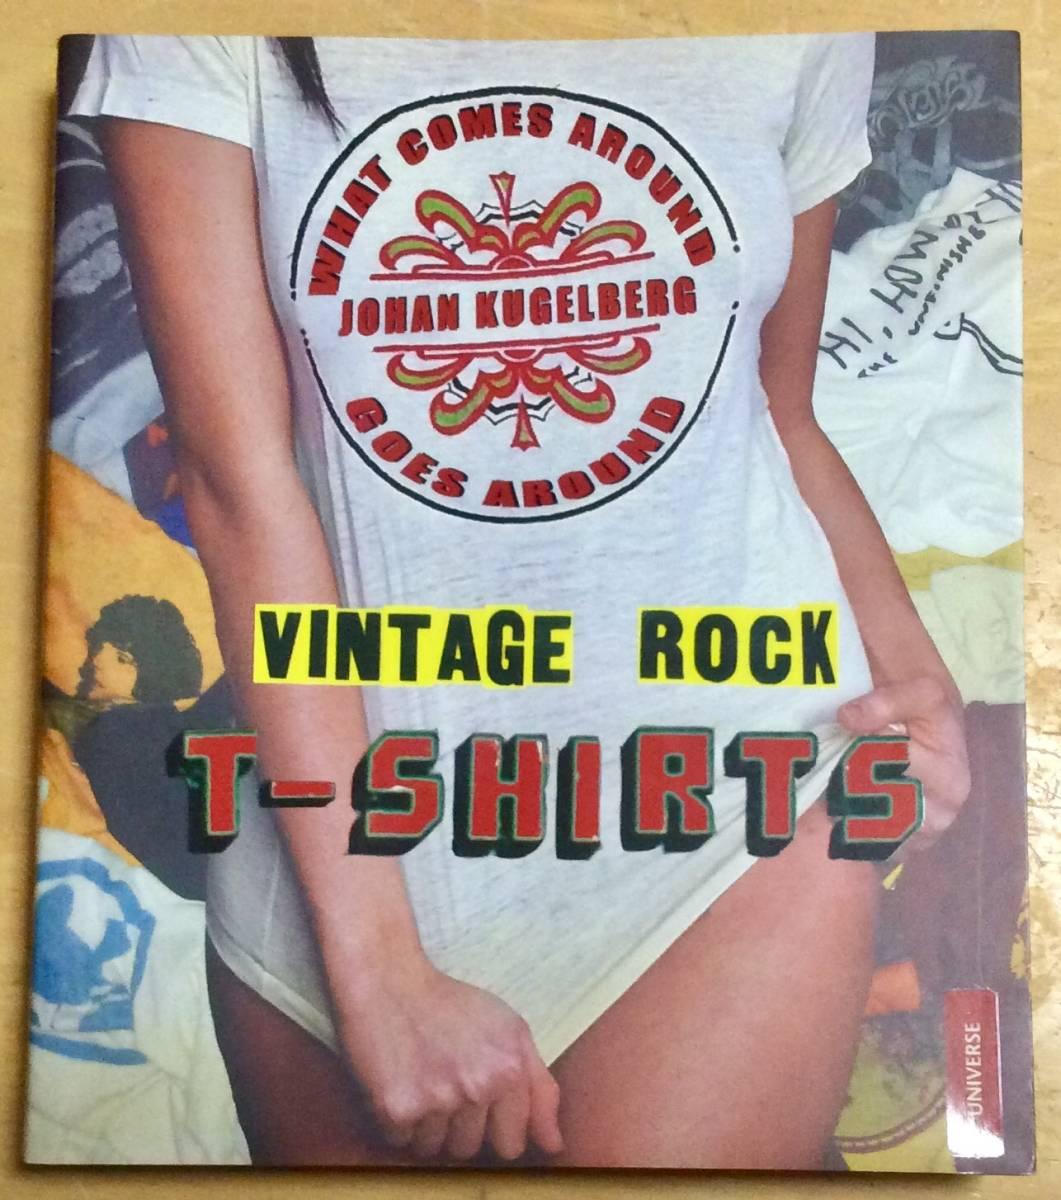 洋書 VINTAGE ROCK T-SHIRTS ヴィンテージ・ロック・T-シャツ 即決